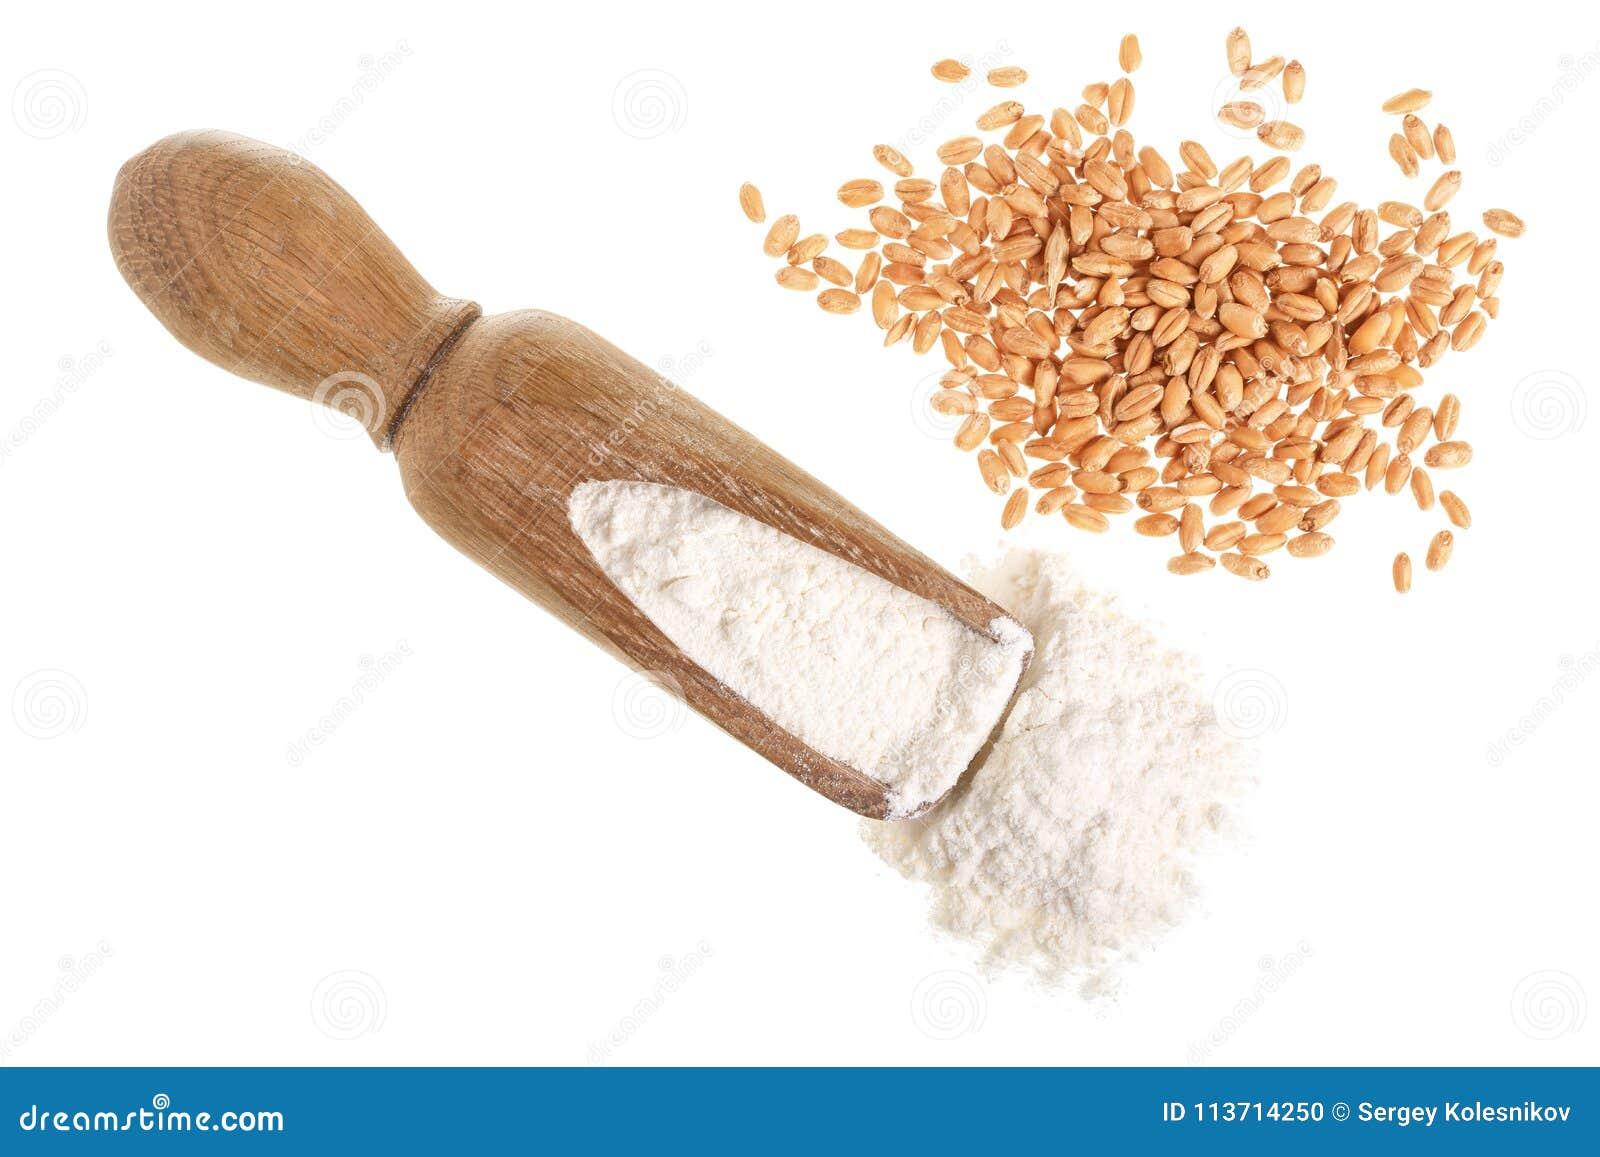 Зерно пшеницы и куча муки в деревянном ветроуловителе изолированном на белой предпосылке Взгляд сверху Плоское положение